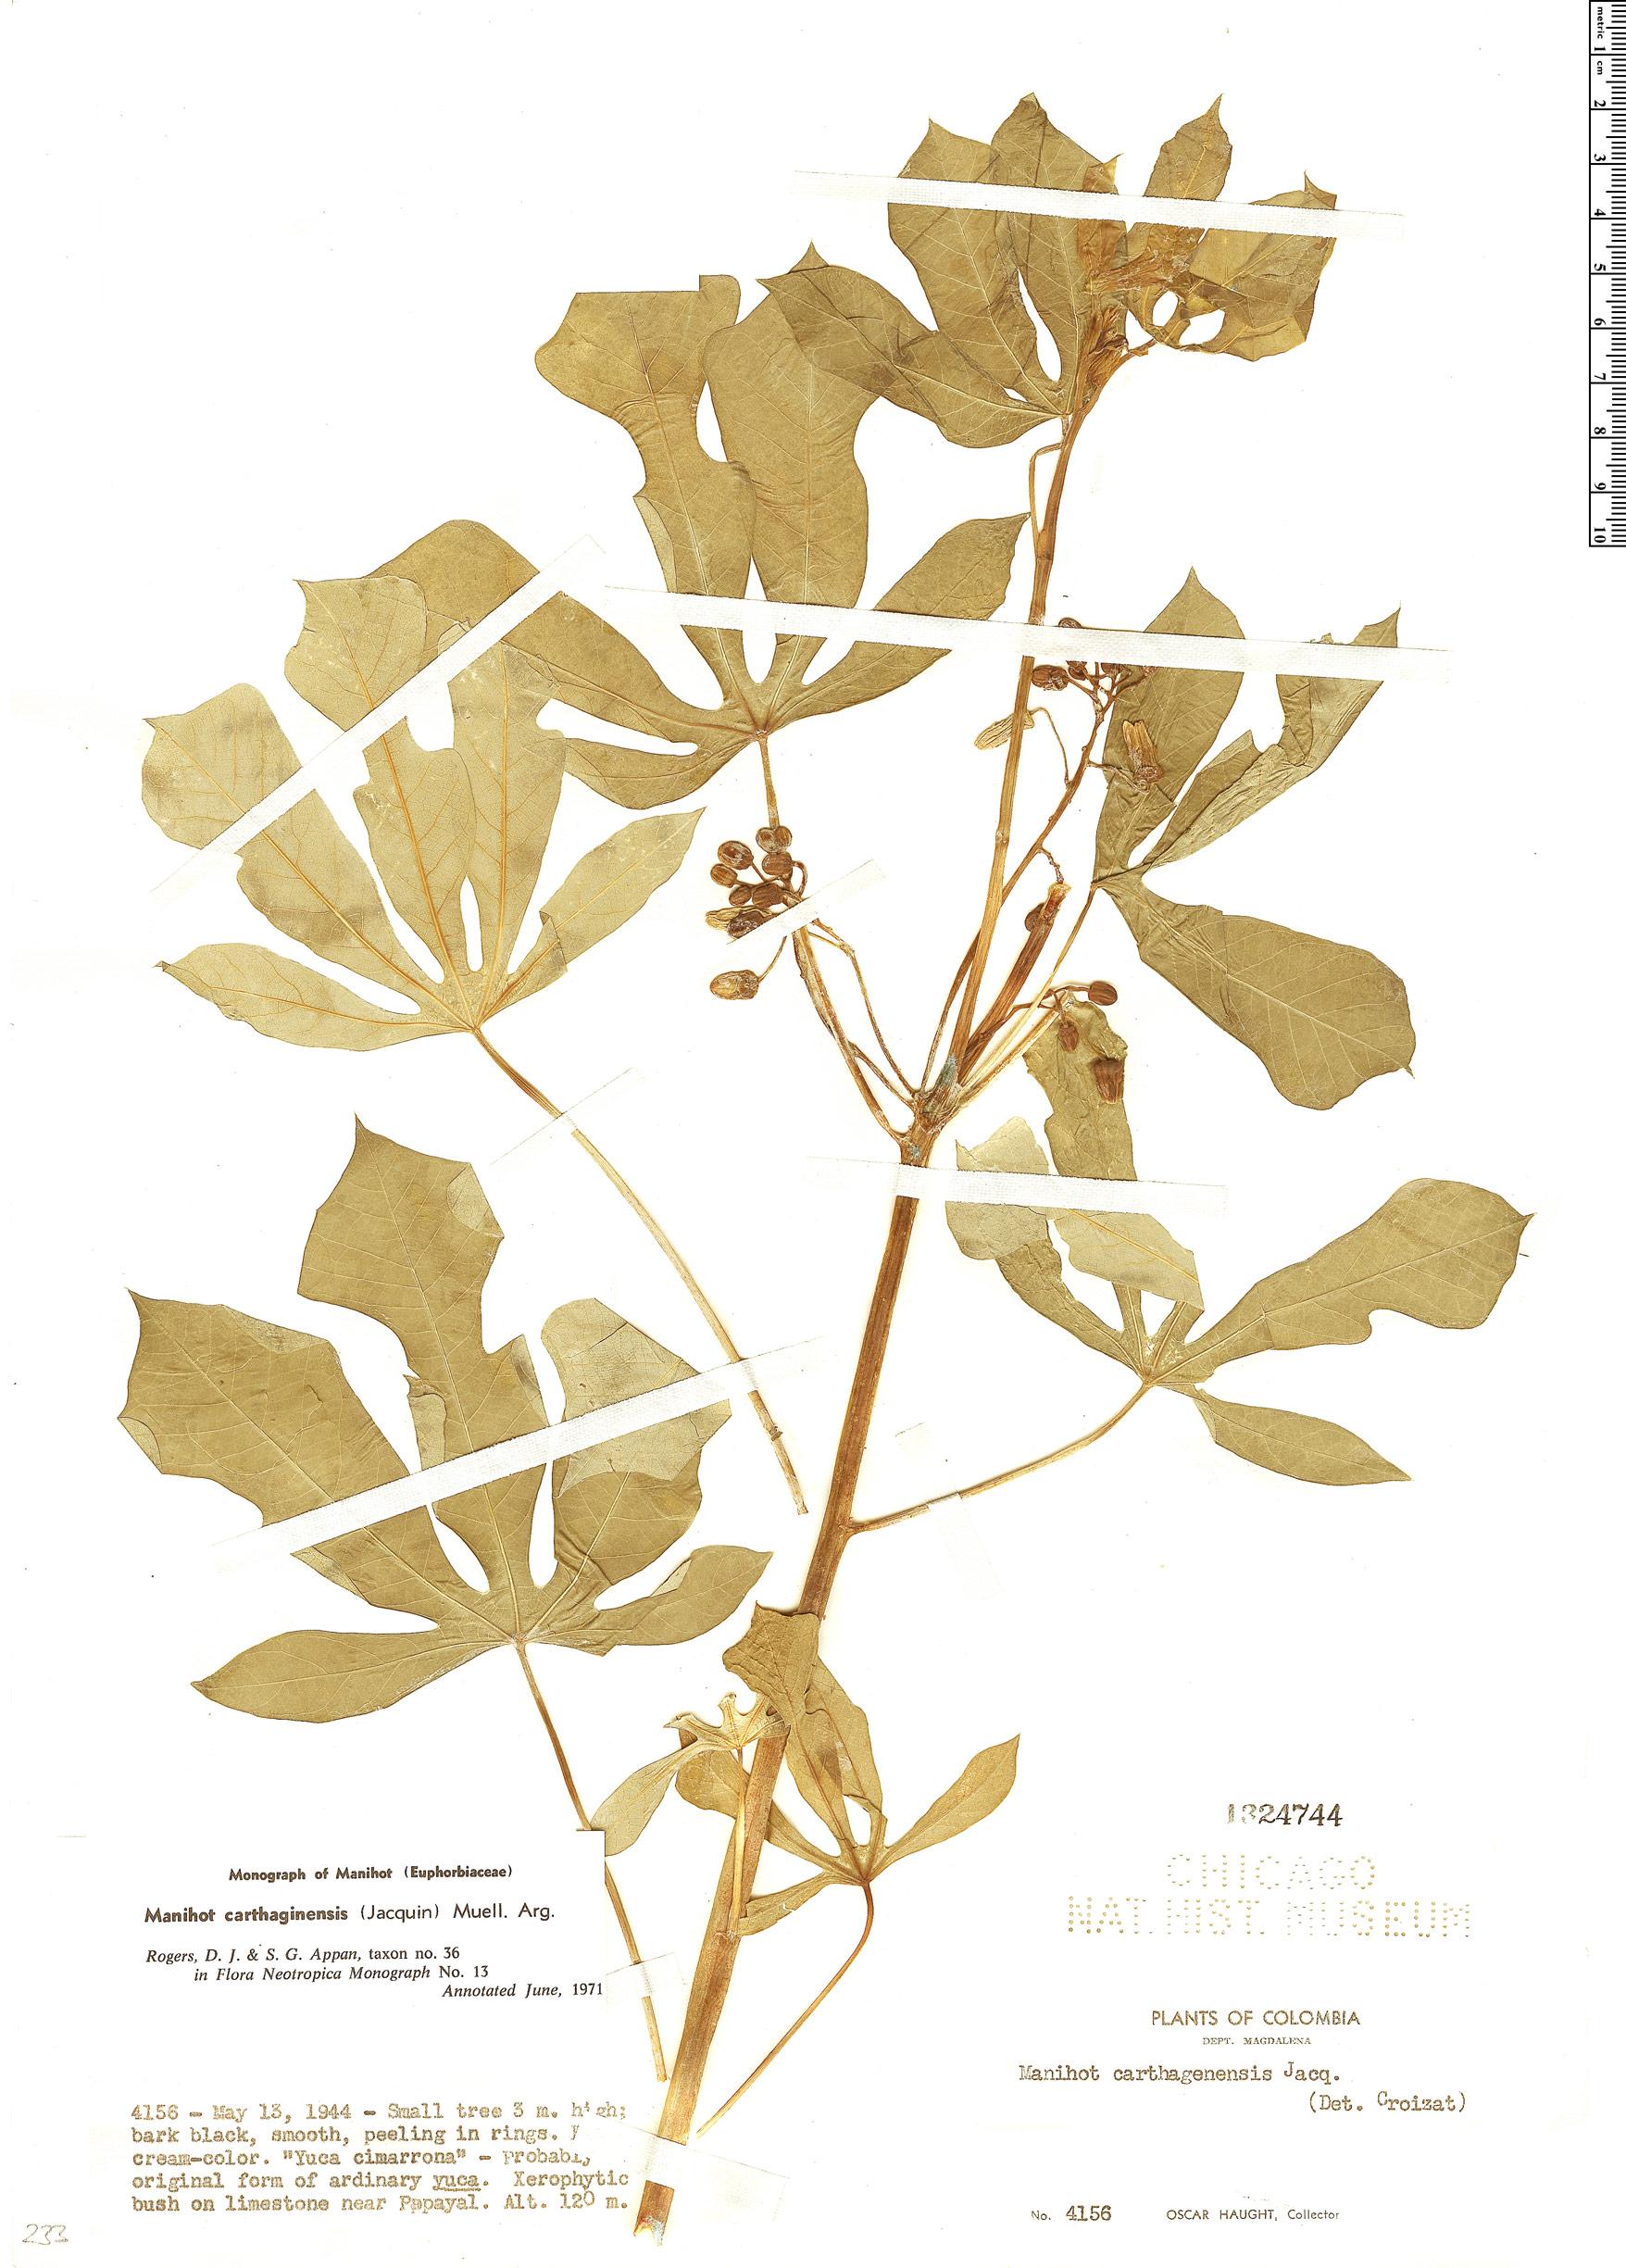 Specimen: Manihot carthagenensis